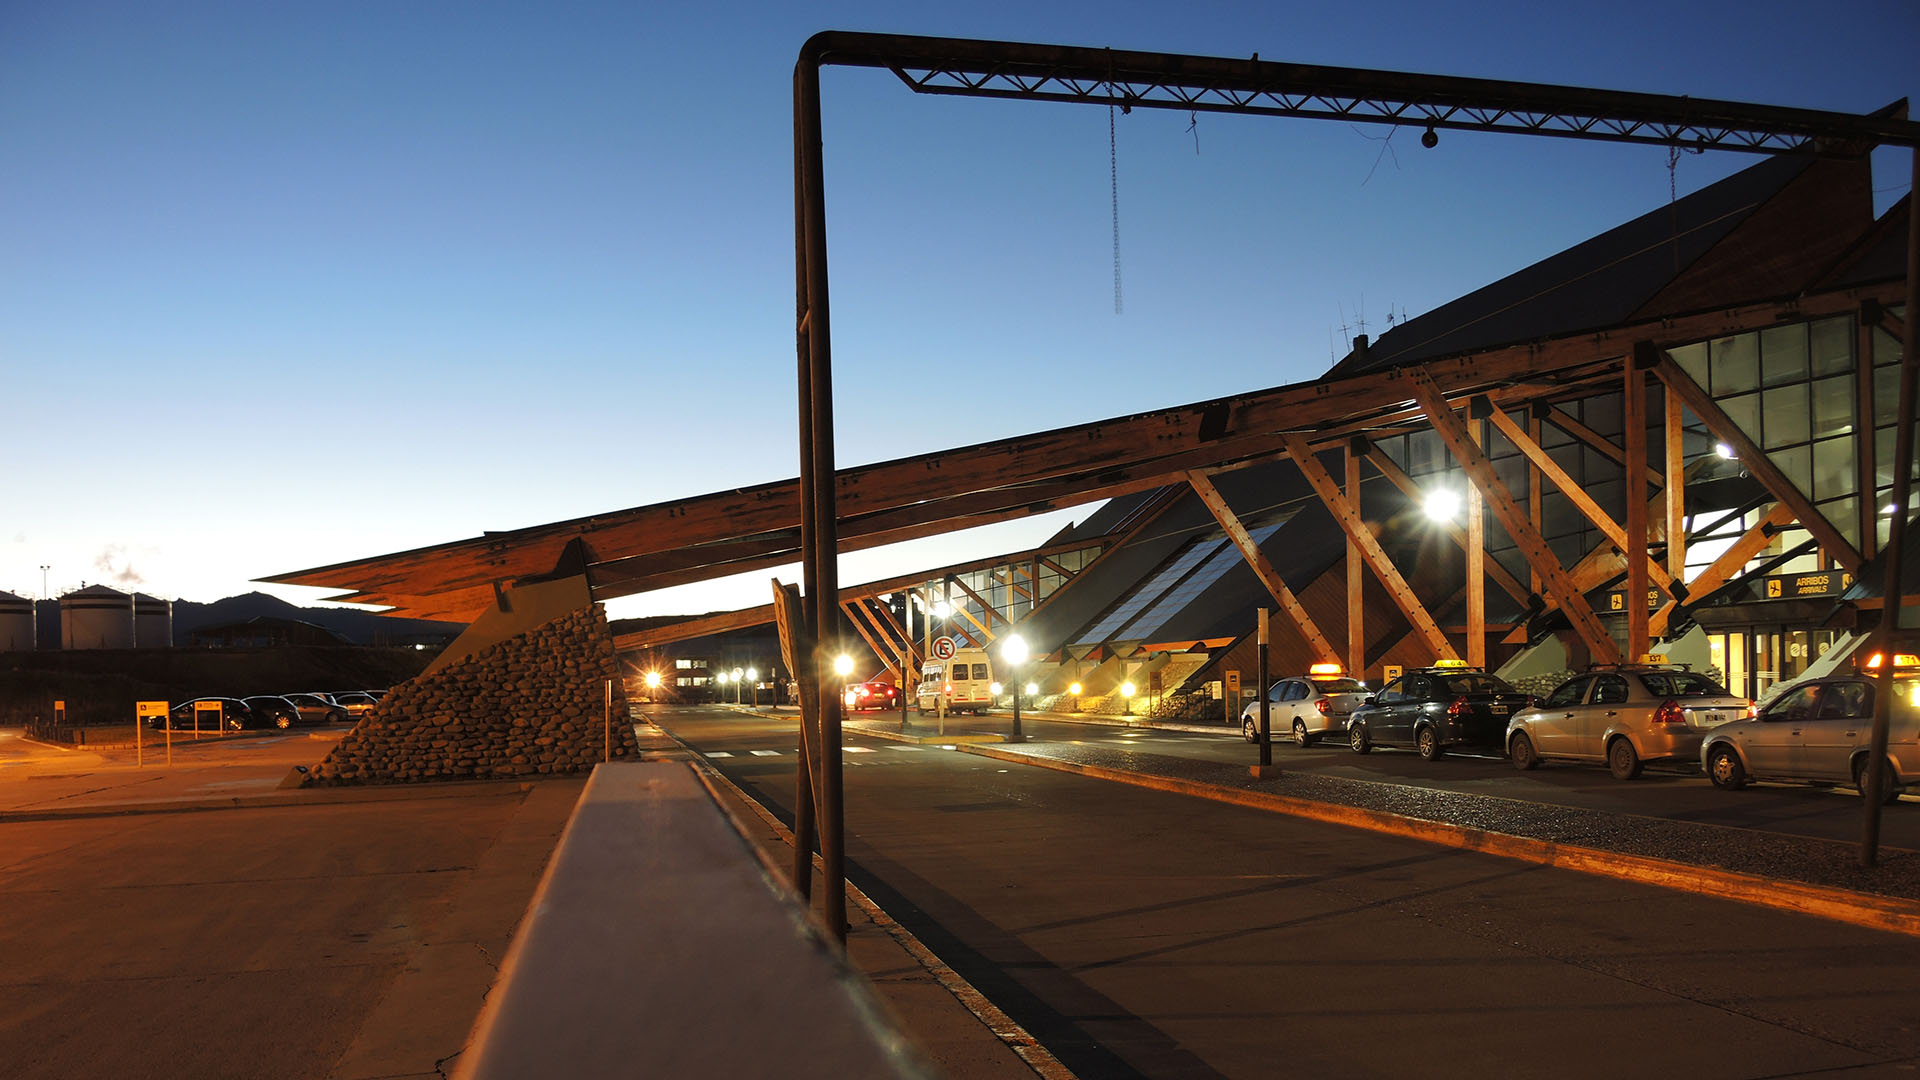 El aeropuerto internacional más meridional del mundo, el Aeropuerto Internacional Malvinas Argentinas Ushuaia, se encuentra en la provincia de Tierra del Fuego, en el extremo sur de nuestro país. Su estilo de construcción único loconvierte enun espectáculo para la vista